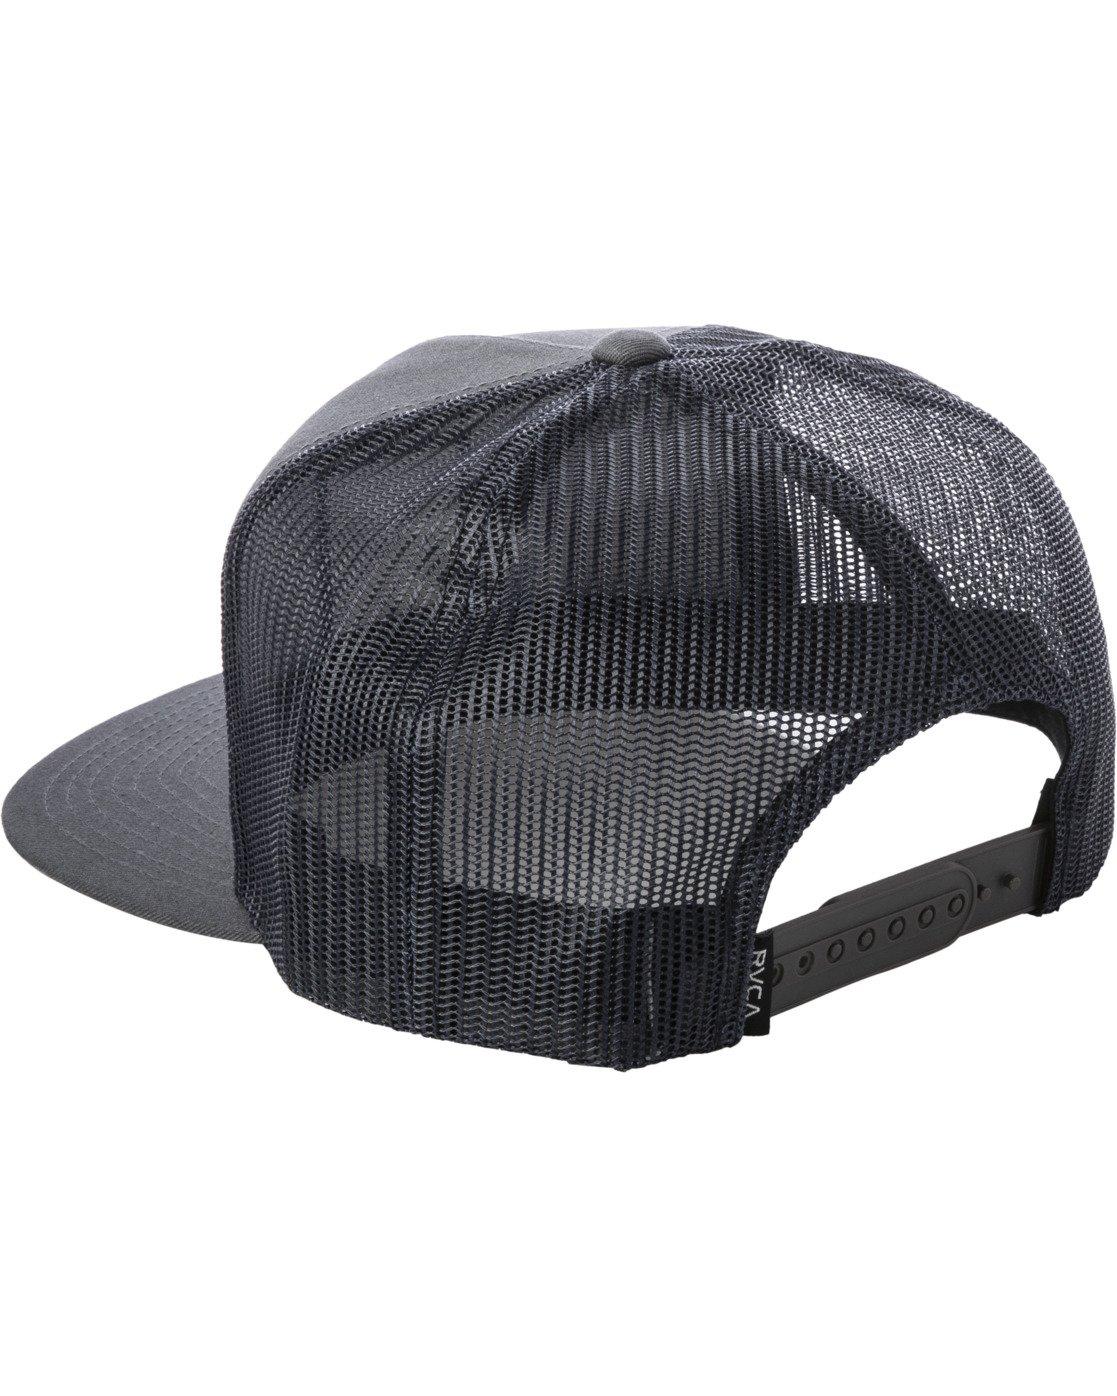 2 VA ATW PRINT TRUCKER HAT Grey MAHW3RVP RVCA